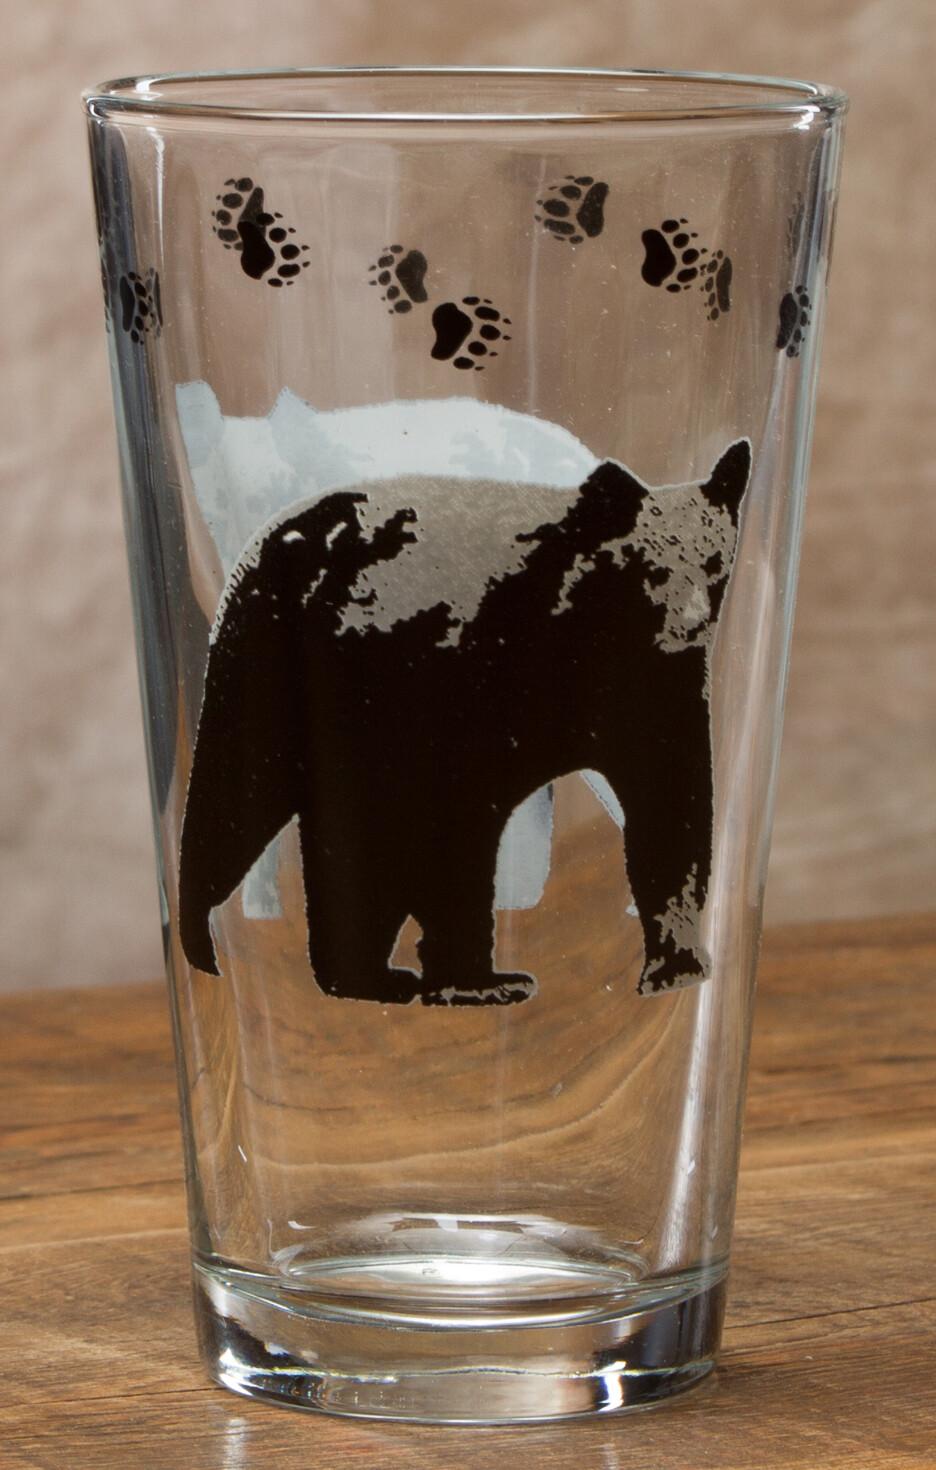 20oz pint, set of 4, bear